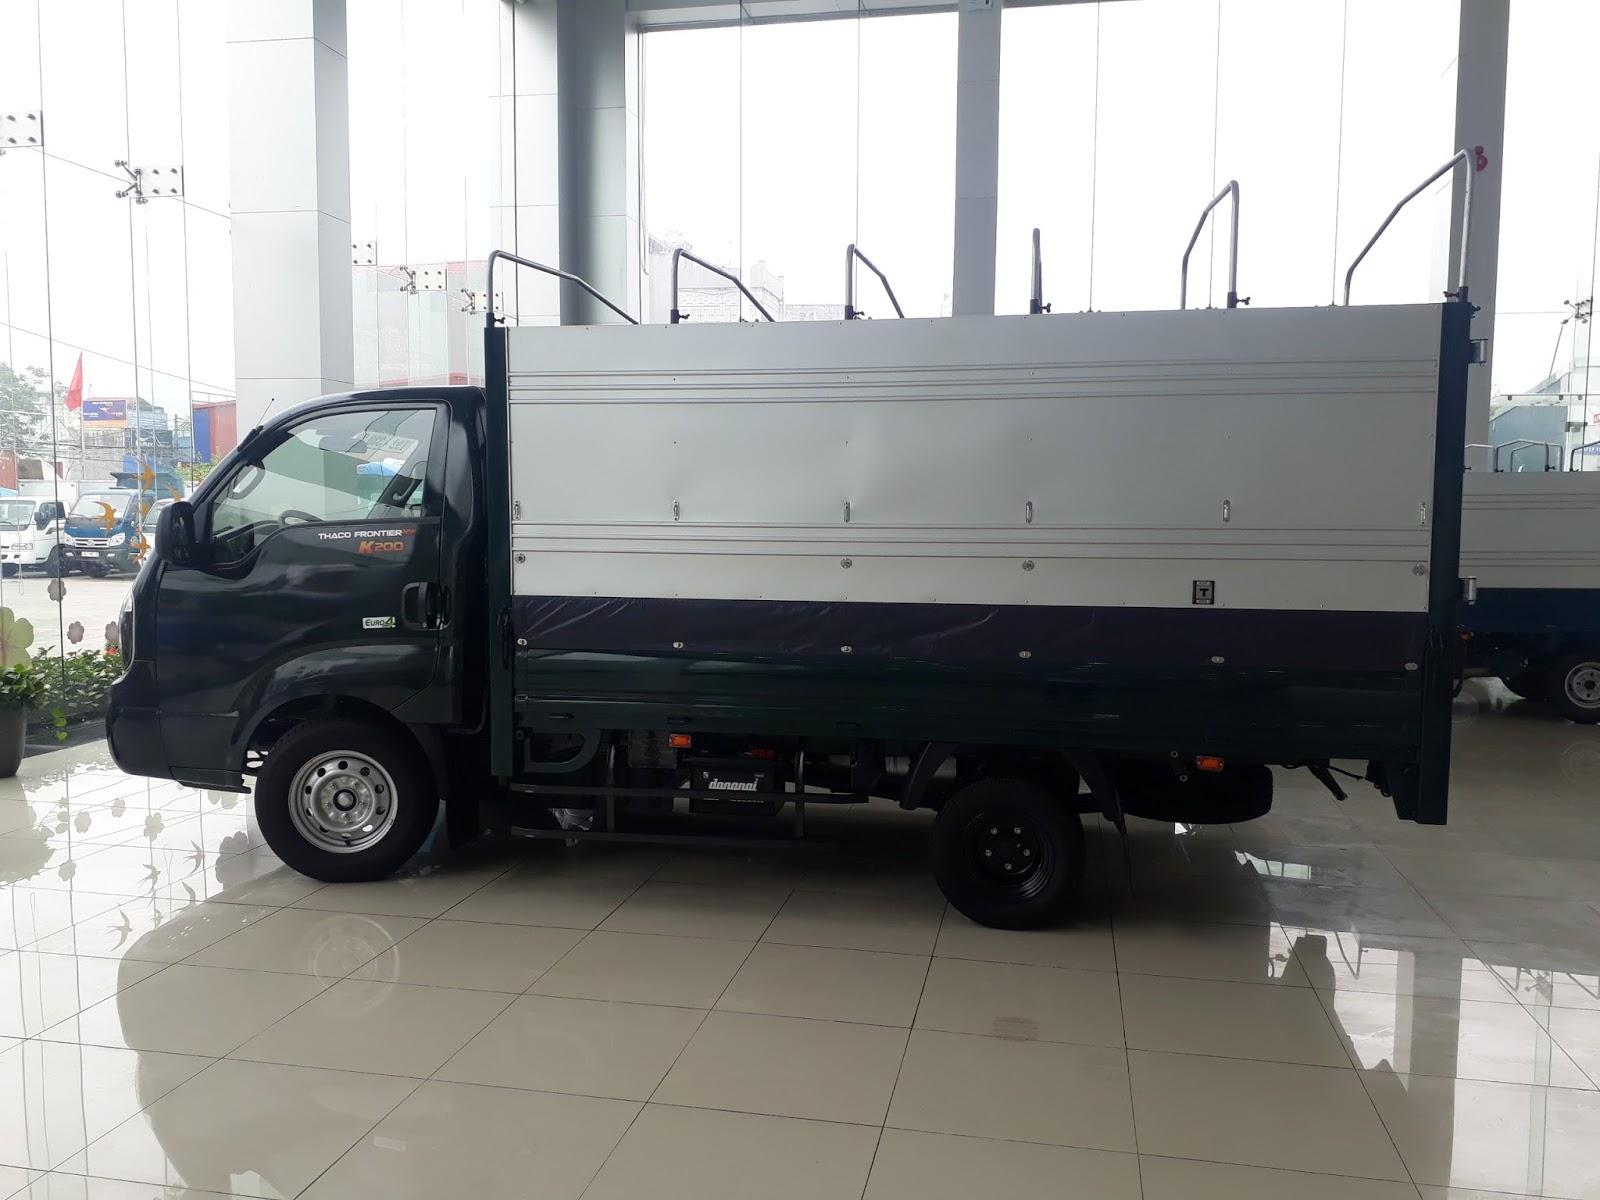 Địa chỉ mua xe tải Hyundai Thaco K200 tại Hải Phòng giá rẻ, cạnh tranh